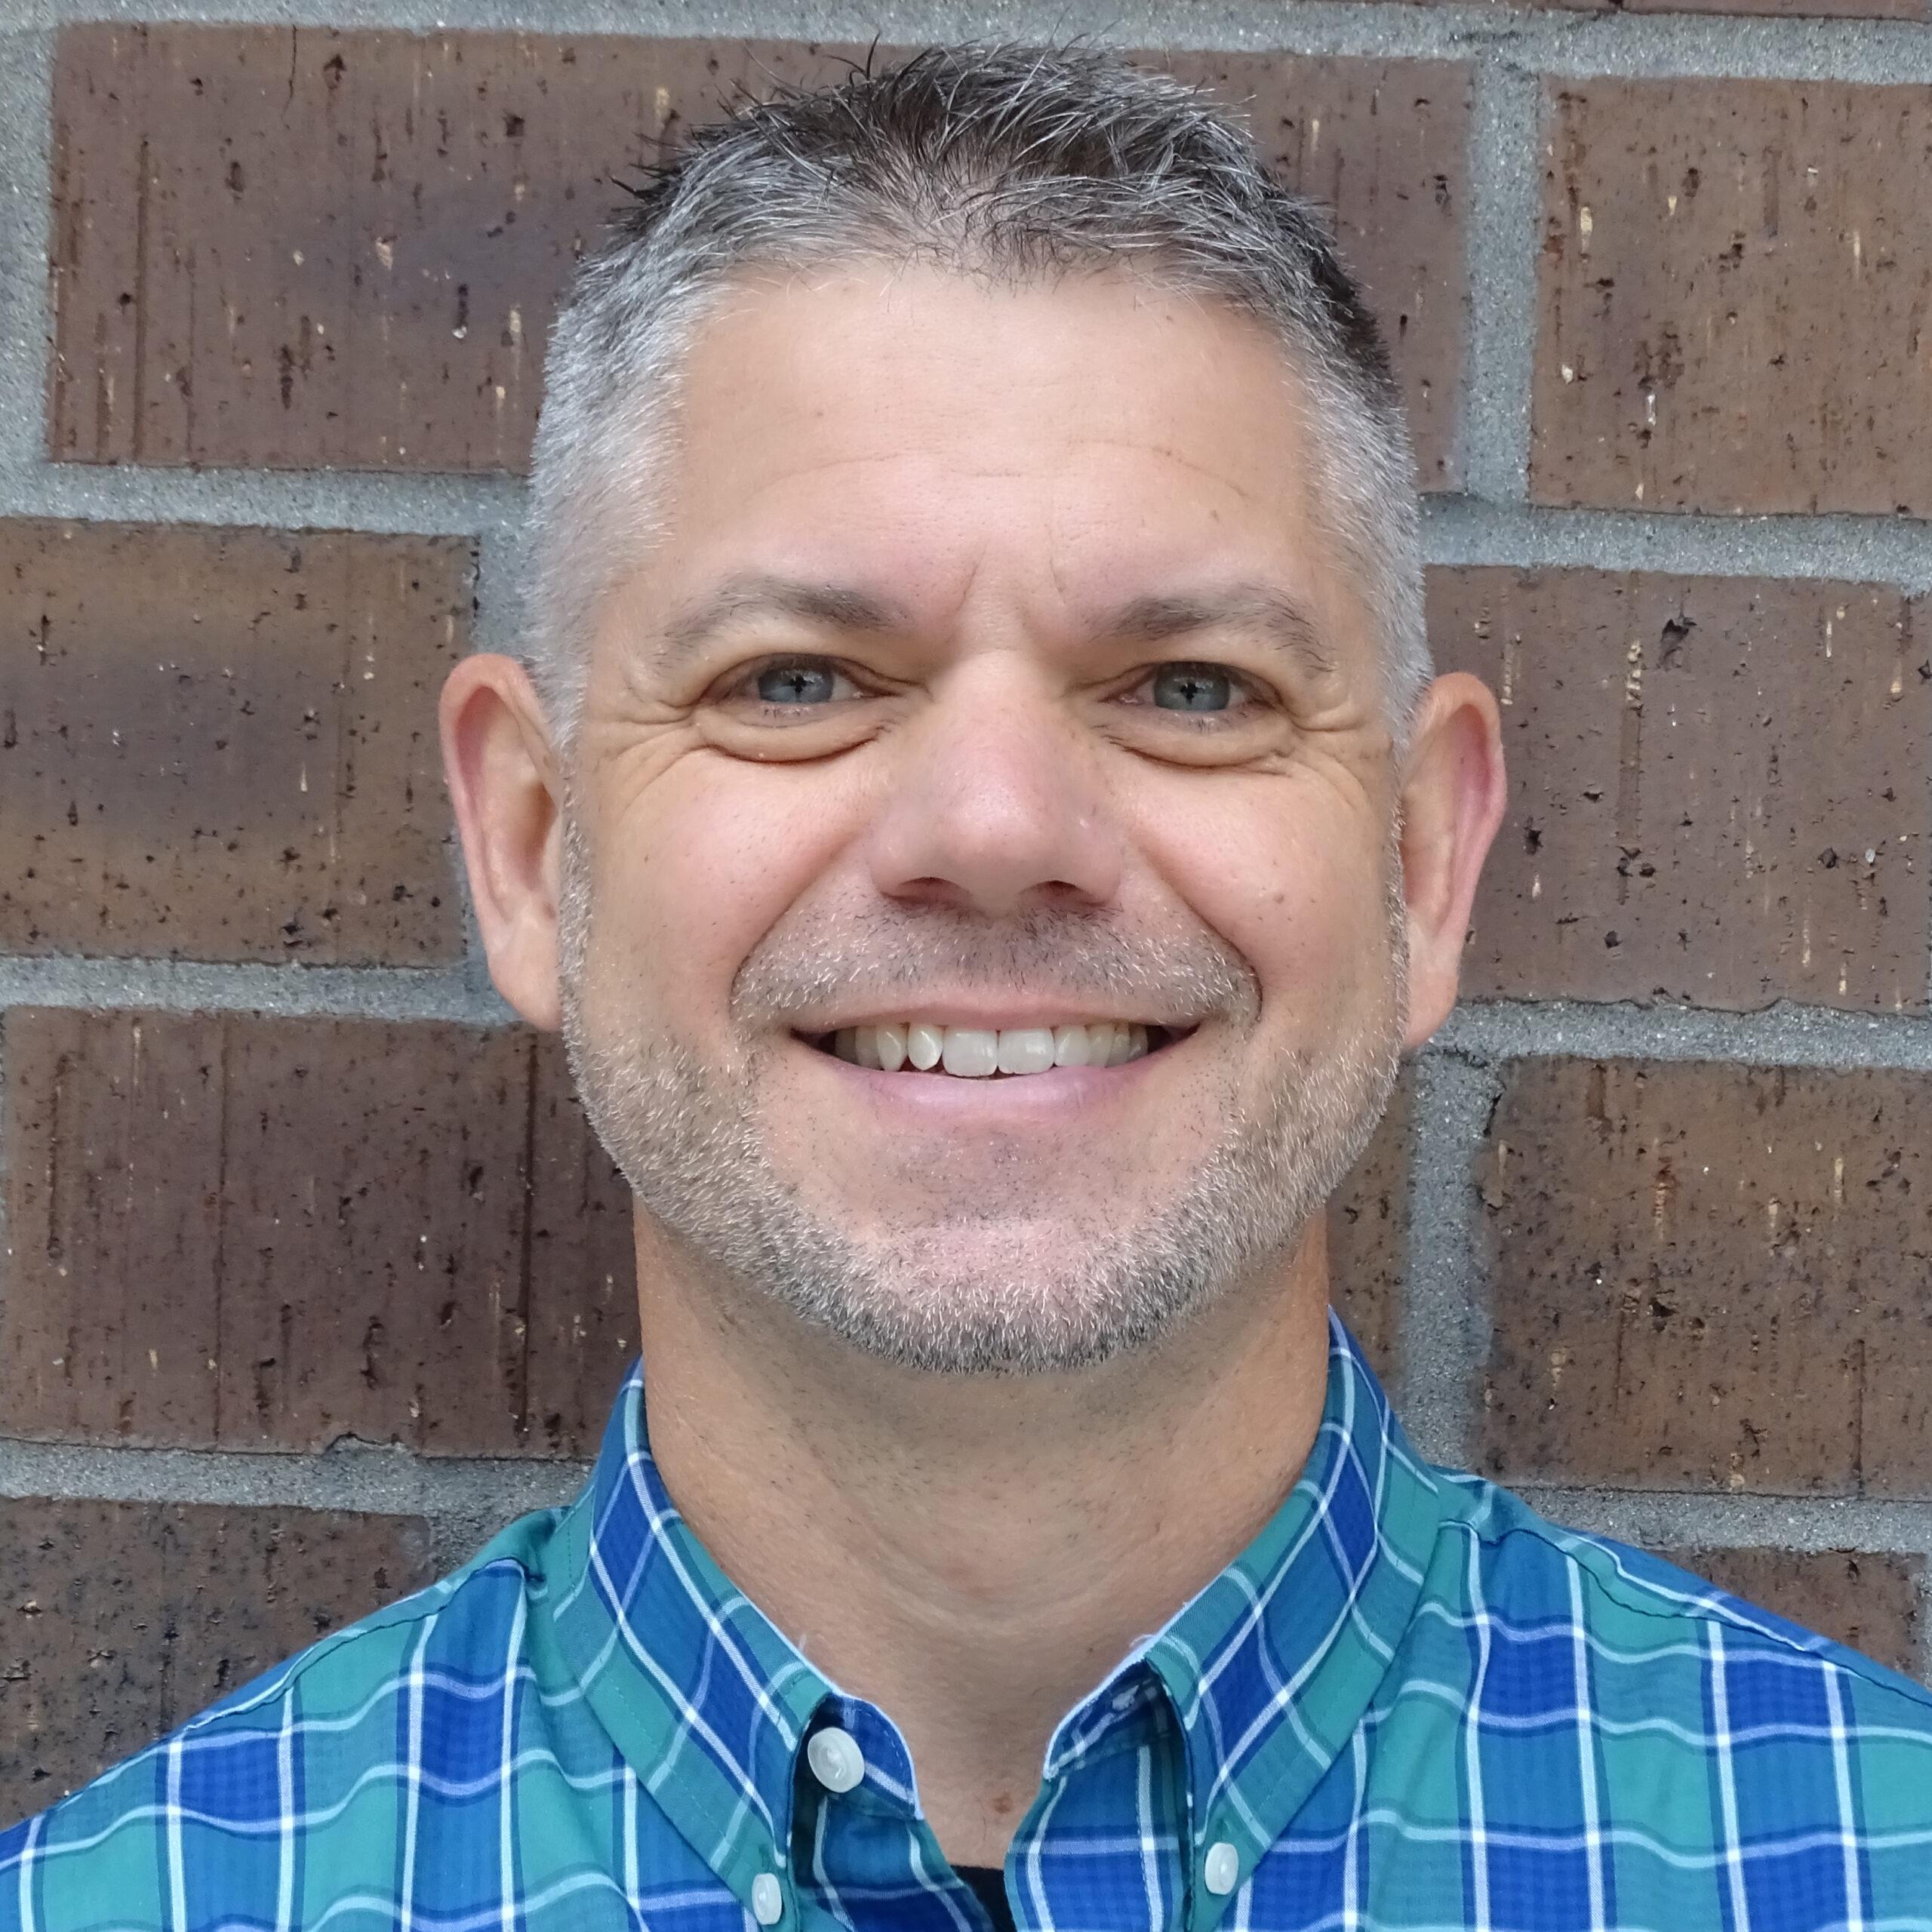 Banyan staff member Dan smiling at camera - portrait